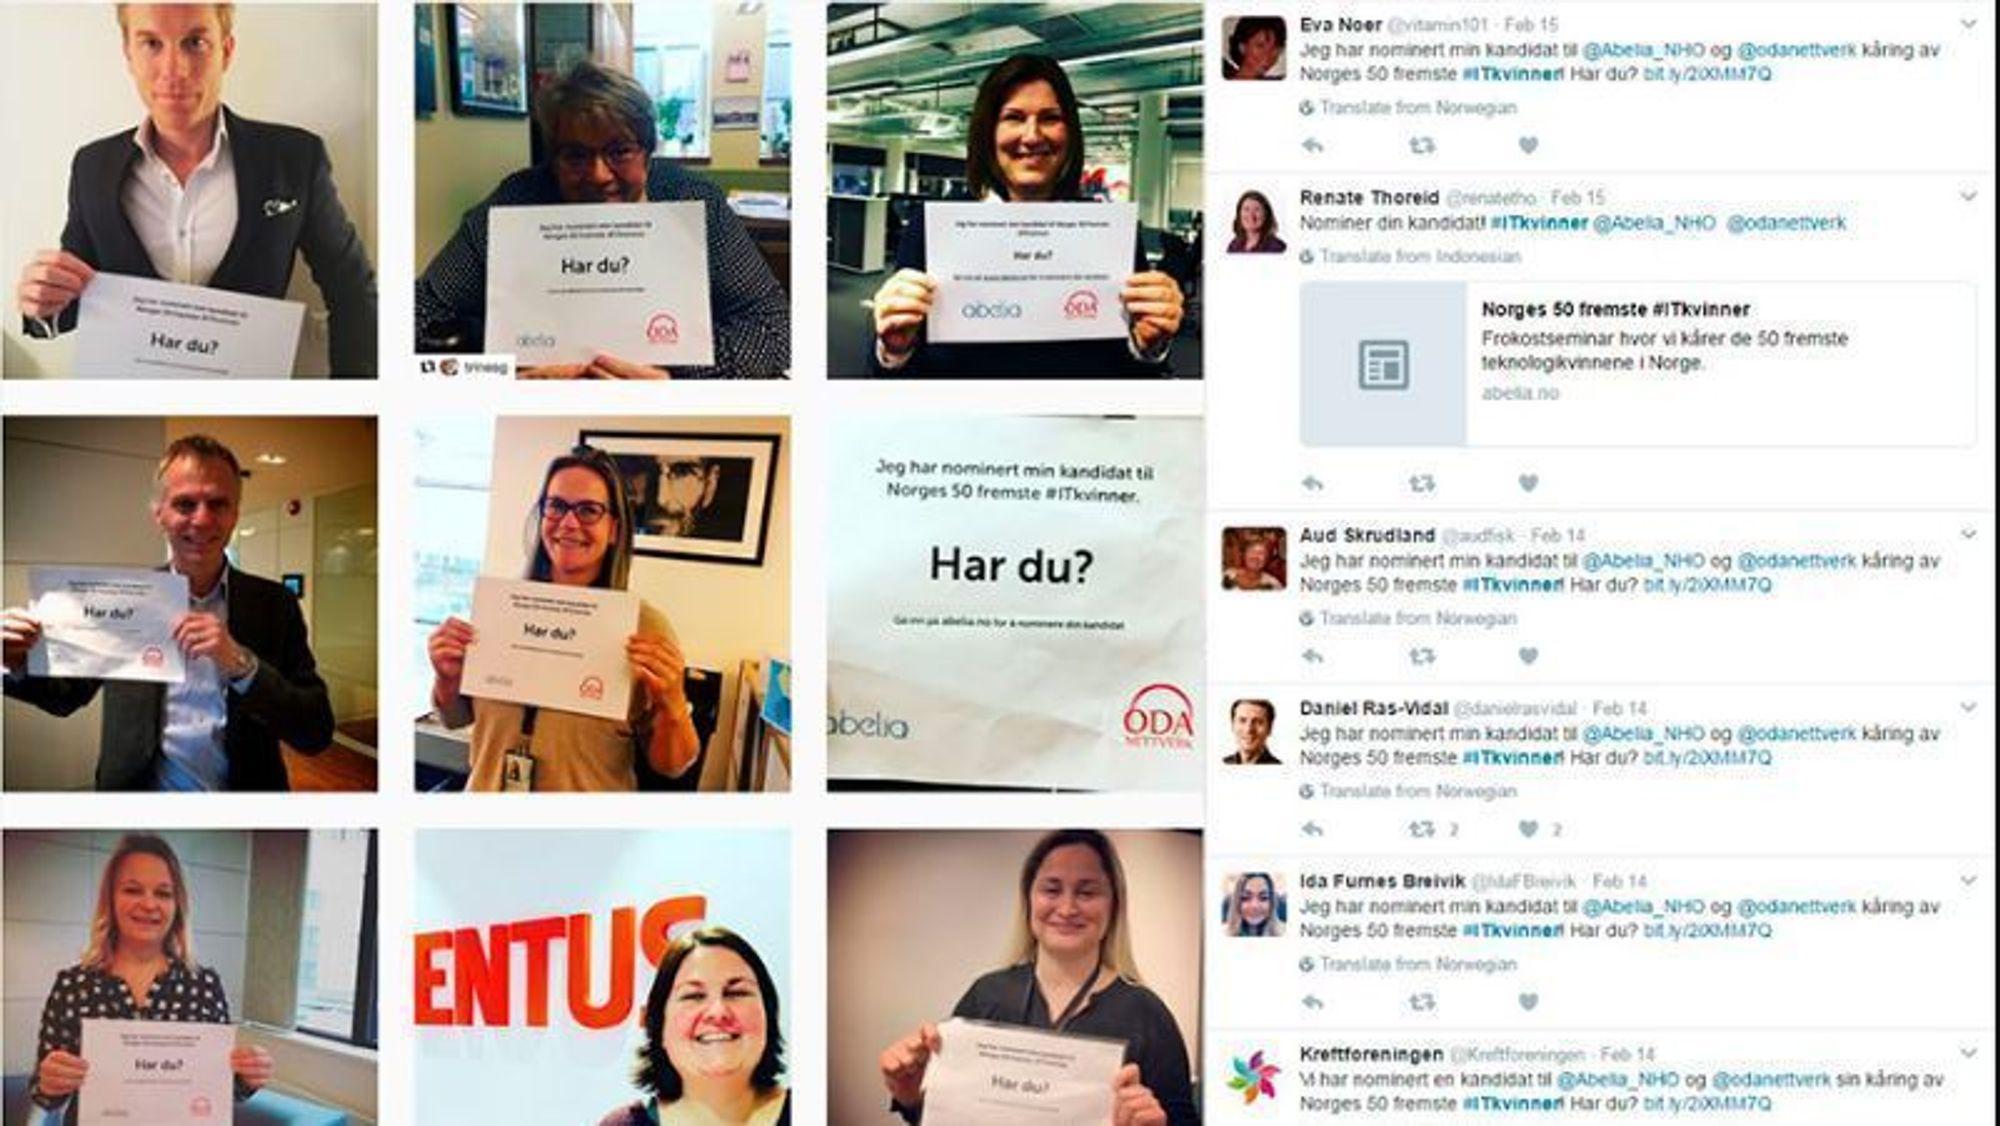 Fra fjorårets nomineringsprosess til kåringen av Norges fremste teknologikvinner. Nå letes det etter kandidater til årets liste.